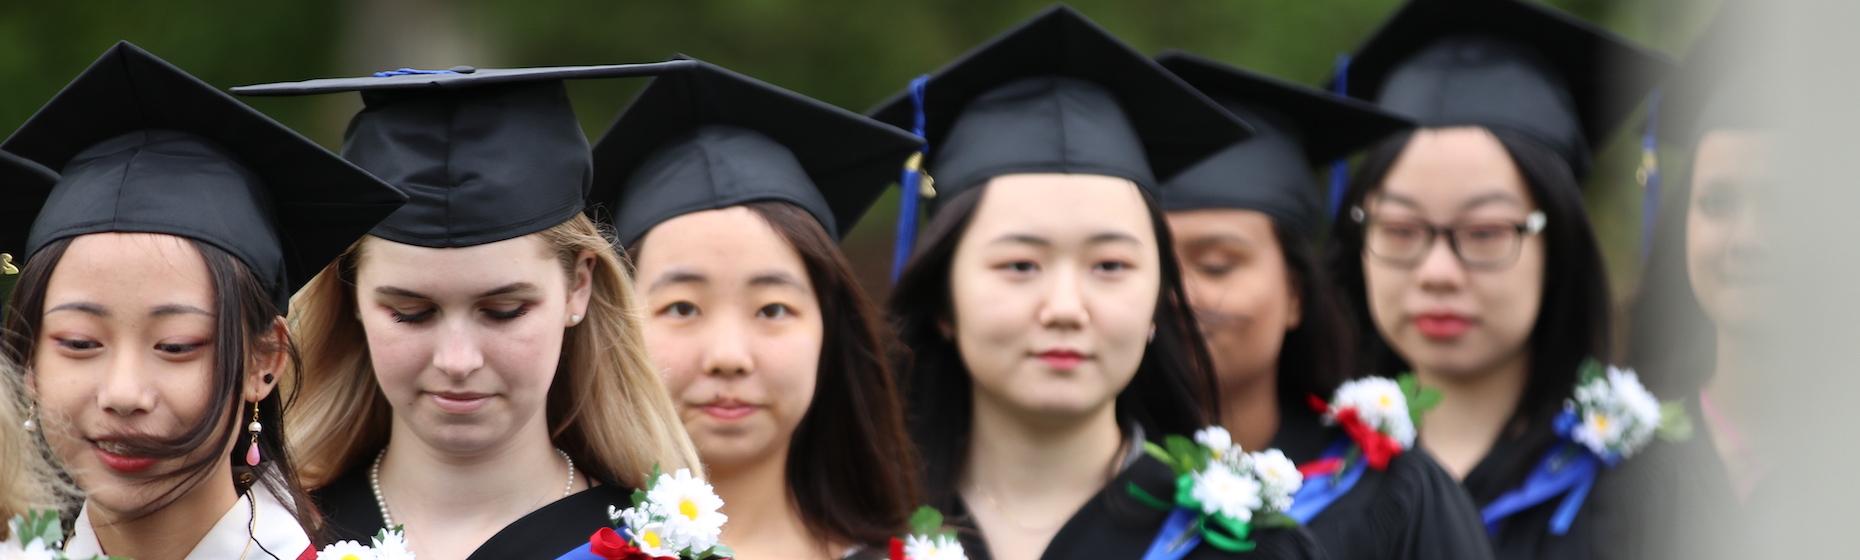 Grad Profiles Banner 2020